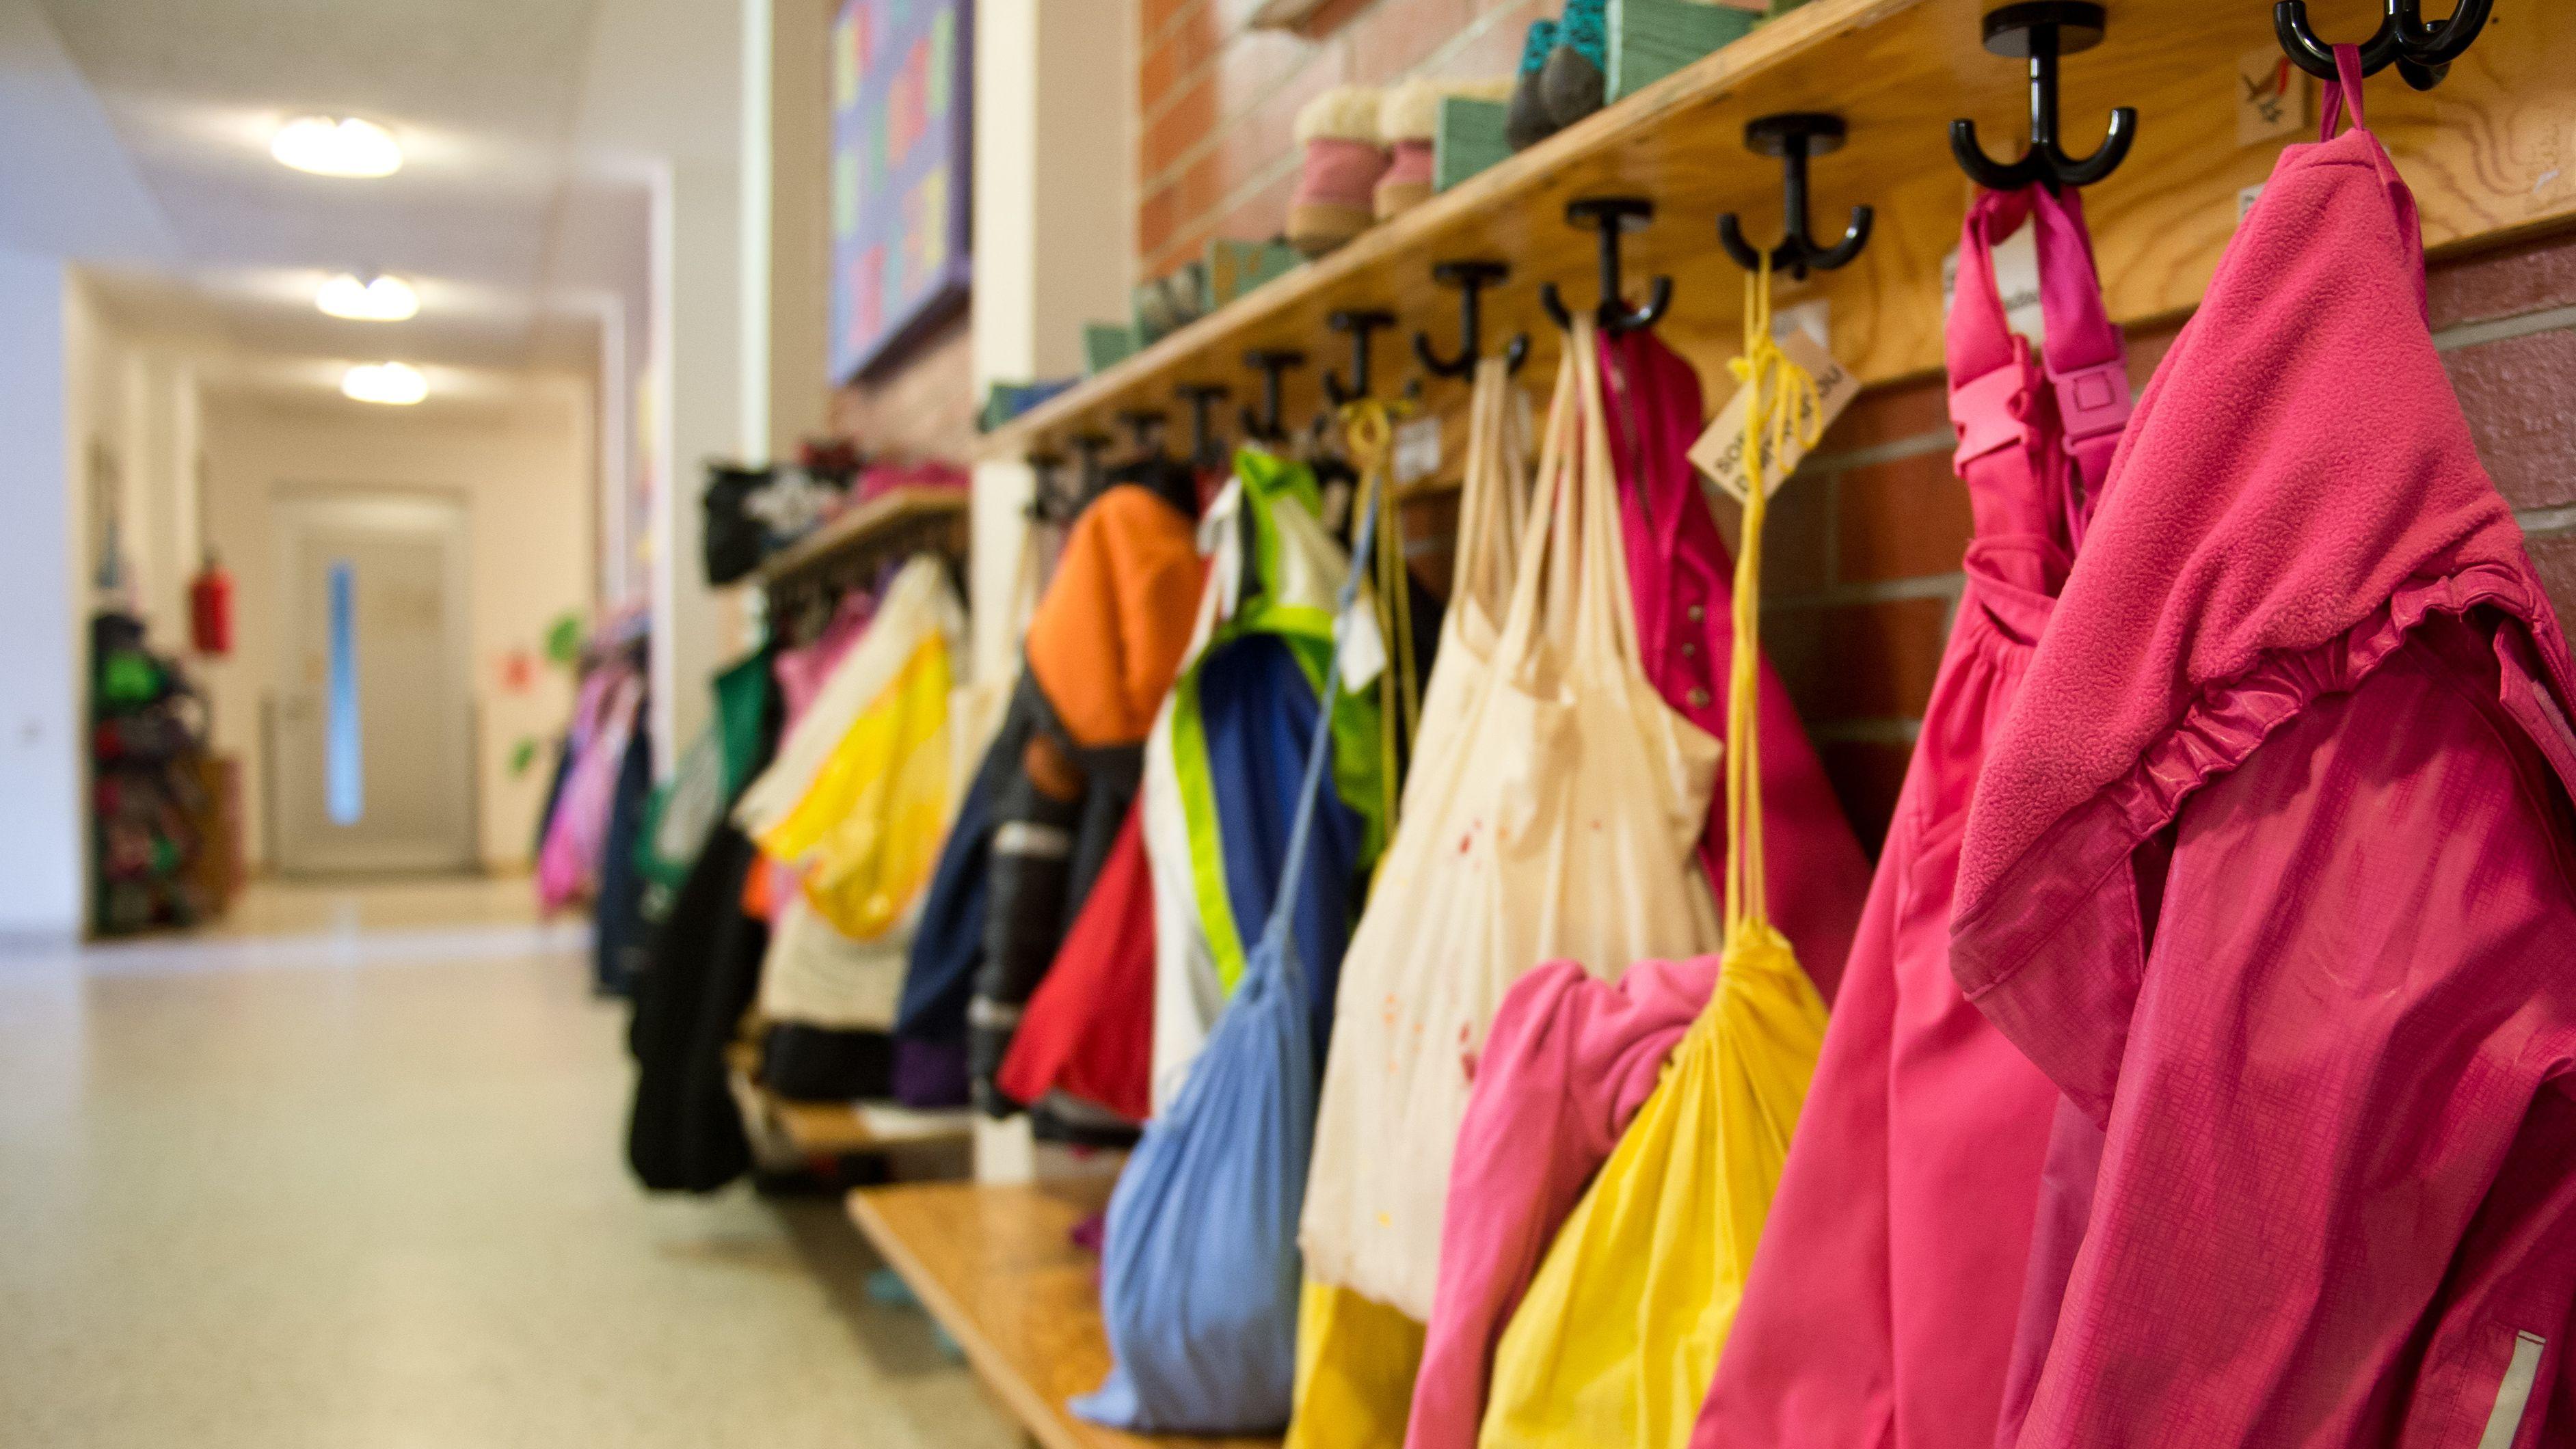 Jacken und Turnbeutel an der Garderobe einer Kindertagesstätte